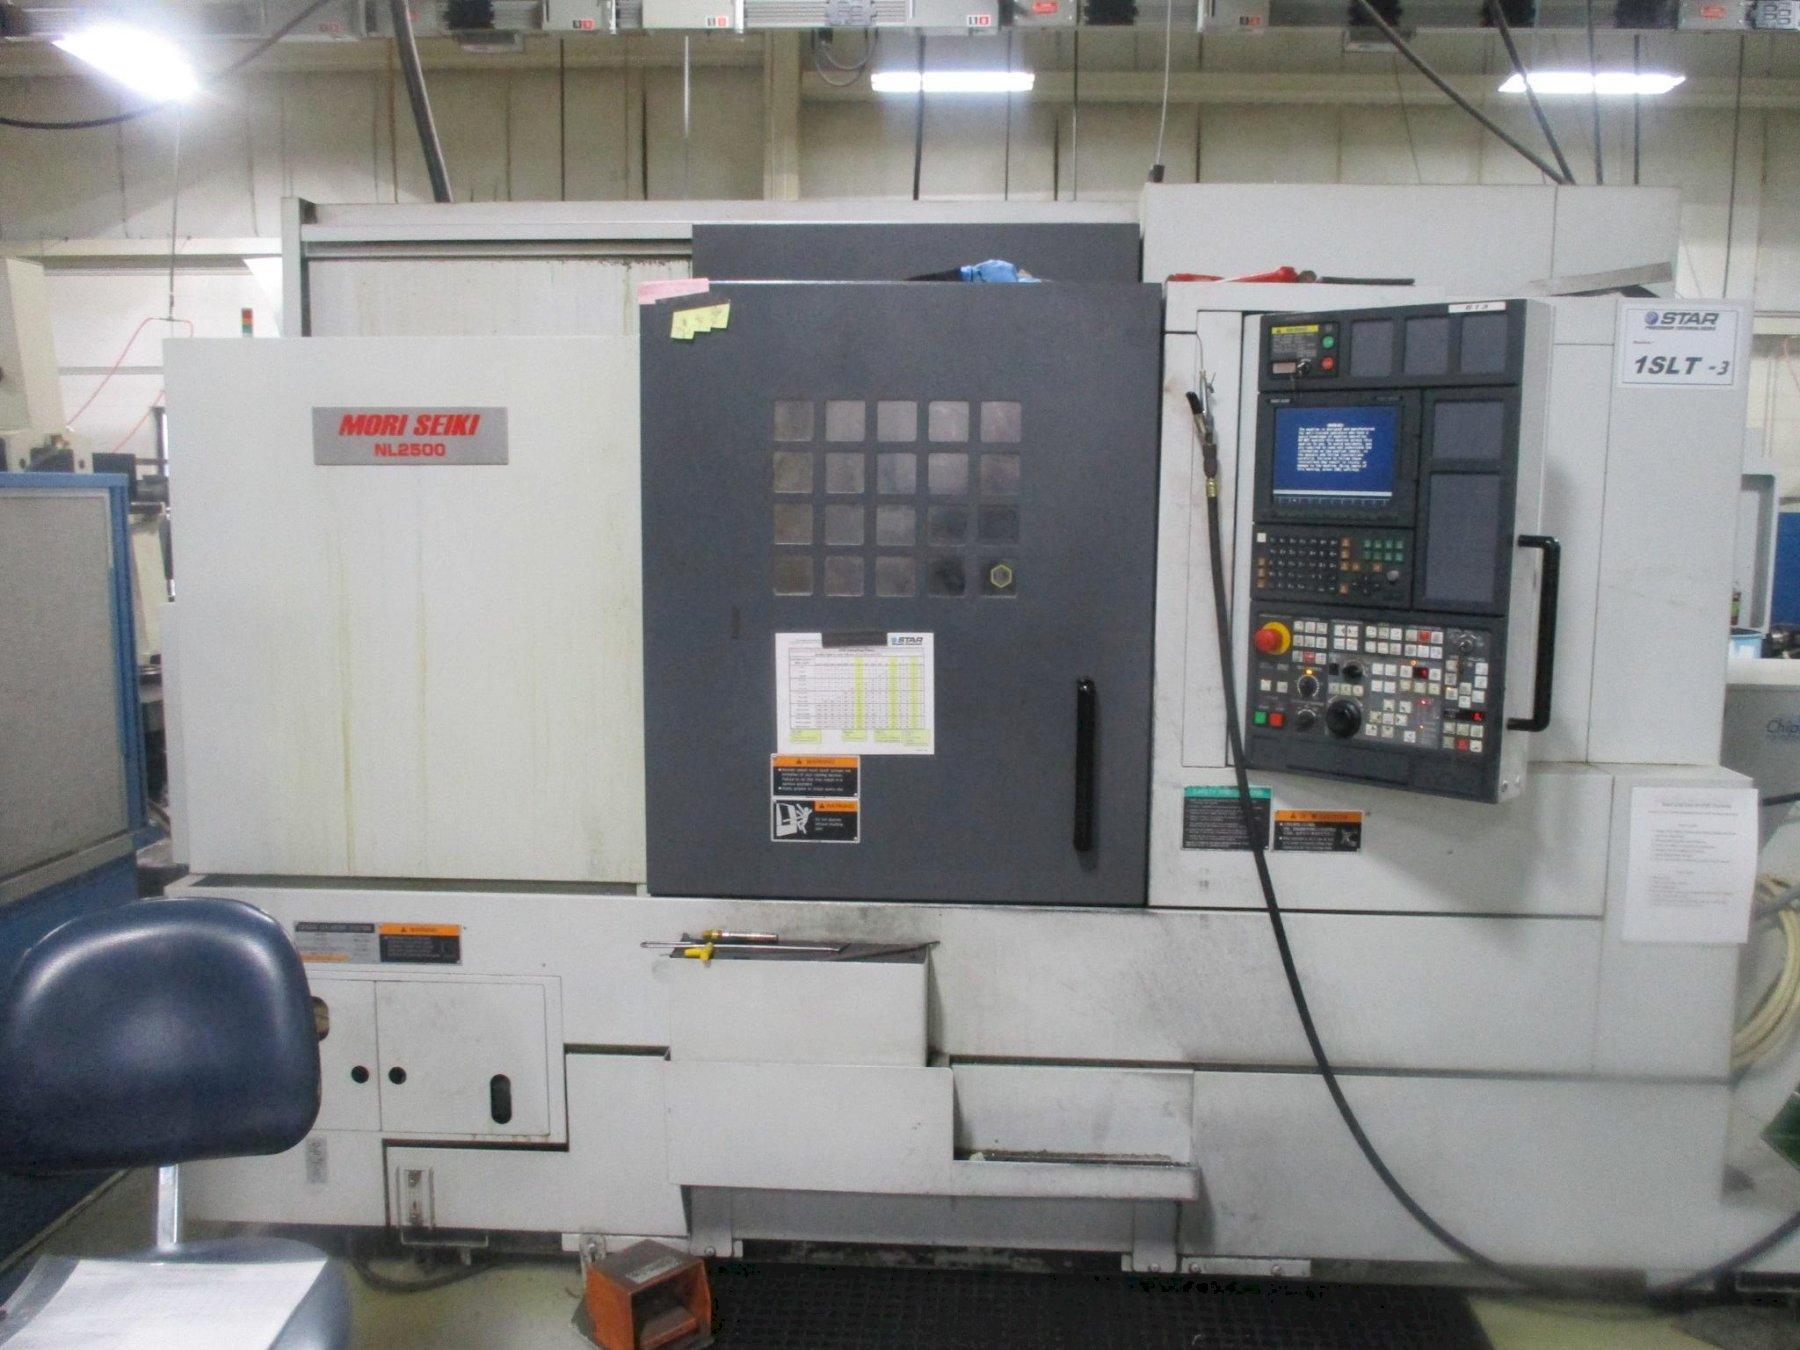 Mori Seiki NL2500Y/700 CNC Lathe, MSX850III, (5) Axis, C&Y Axis, 10